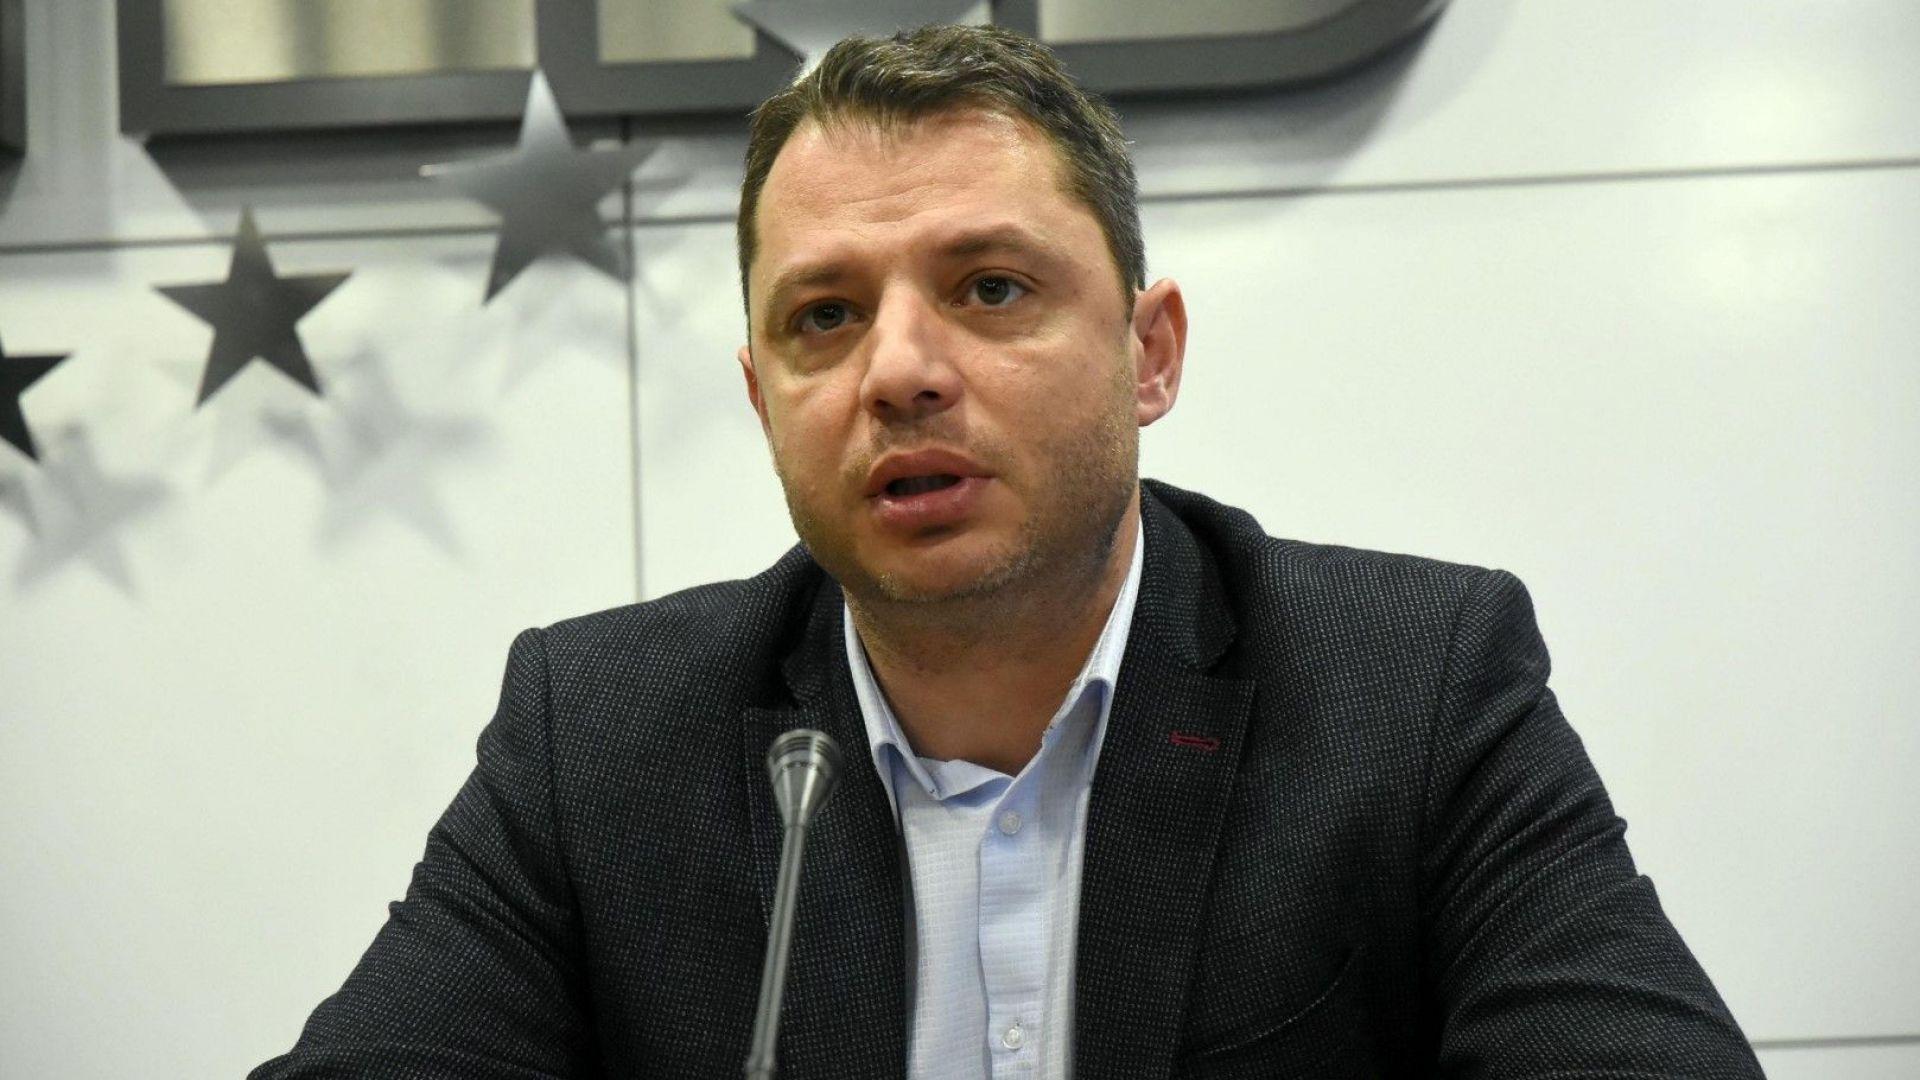 Делян Добрев след интервюто на Елена Йончева: Лъже безогледно, вместо да се извини